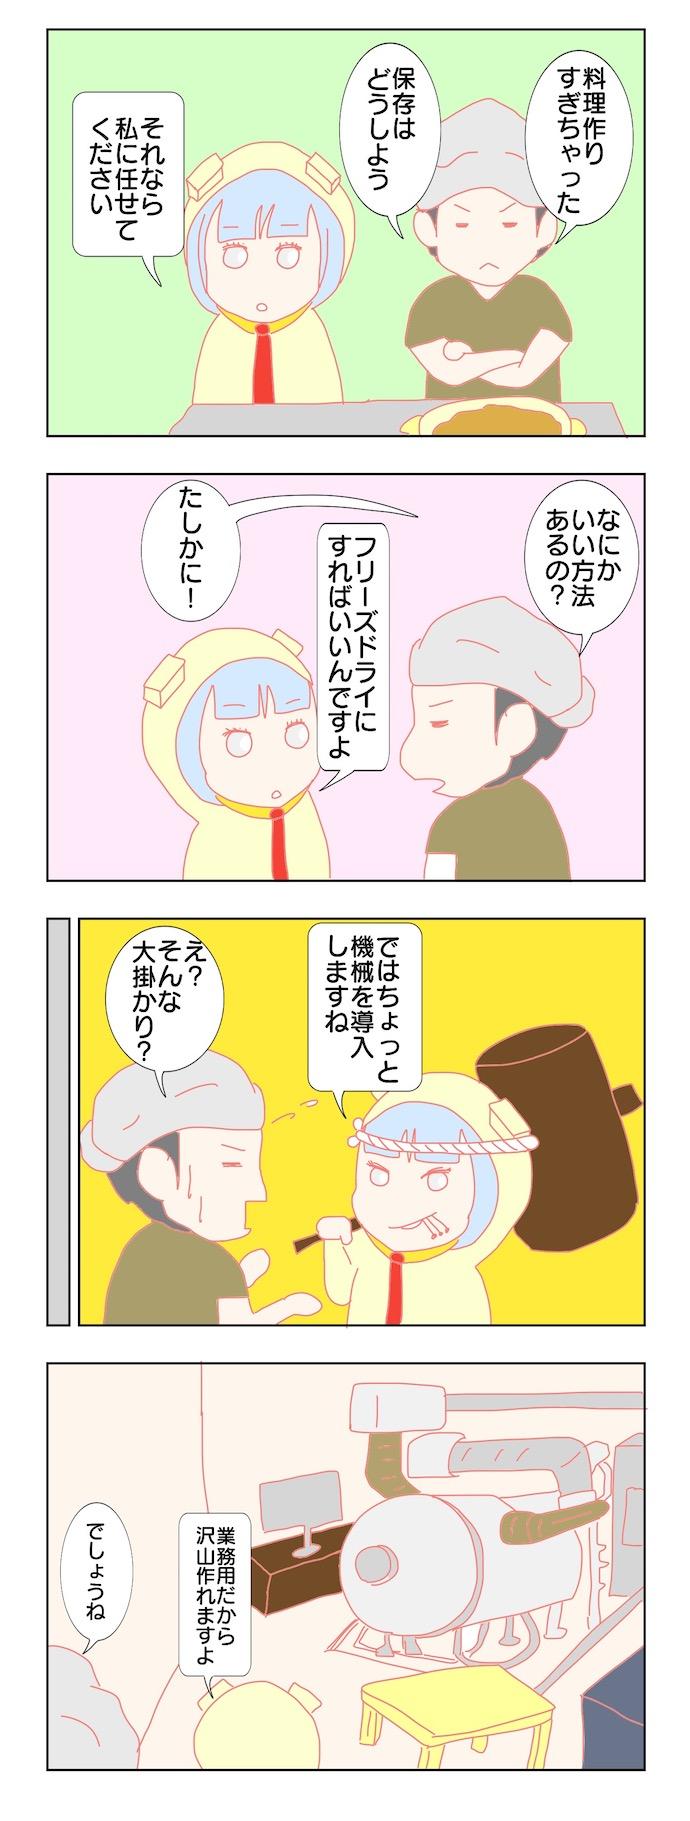 キムケン四コマ漫画